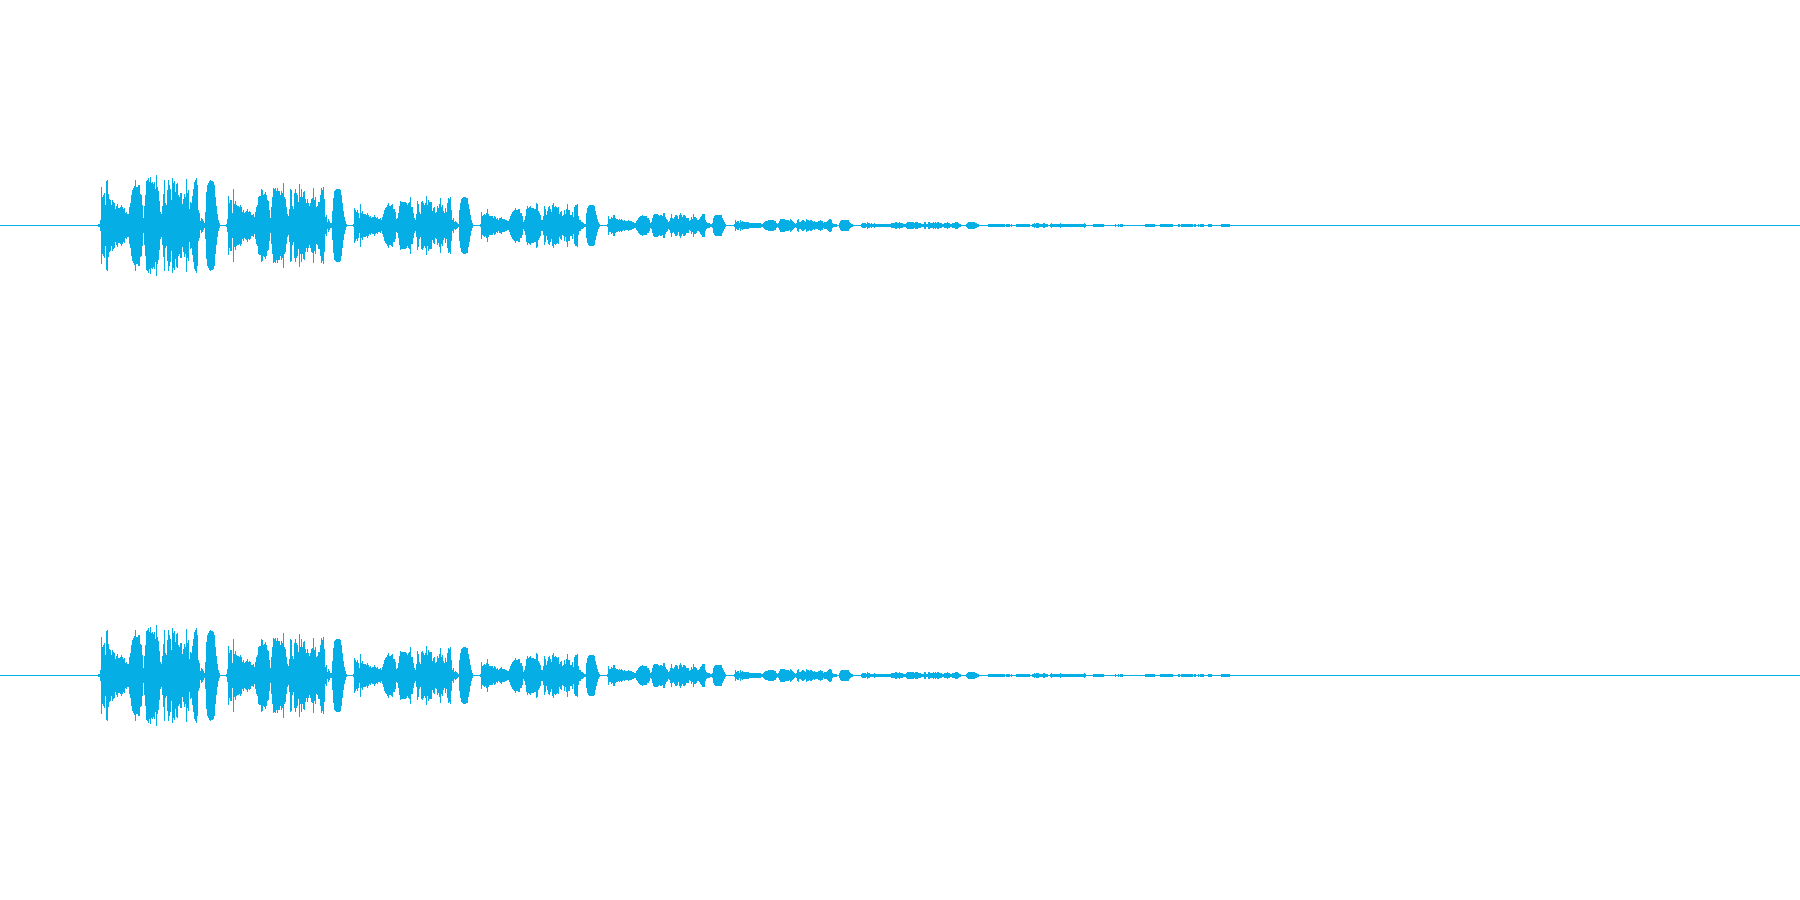 【アクセント31-5】の再生済みの波形